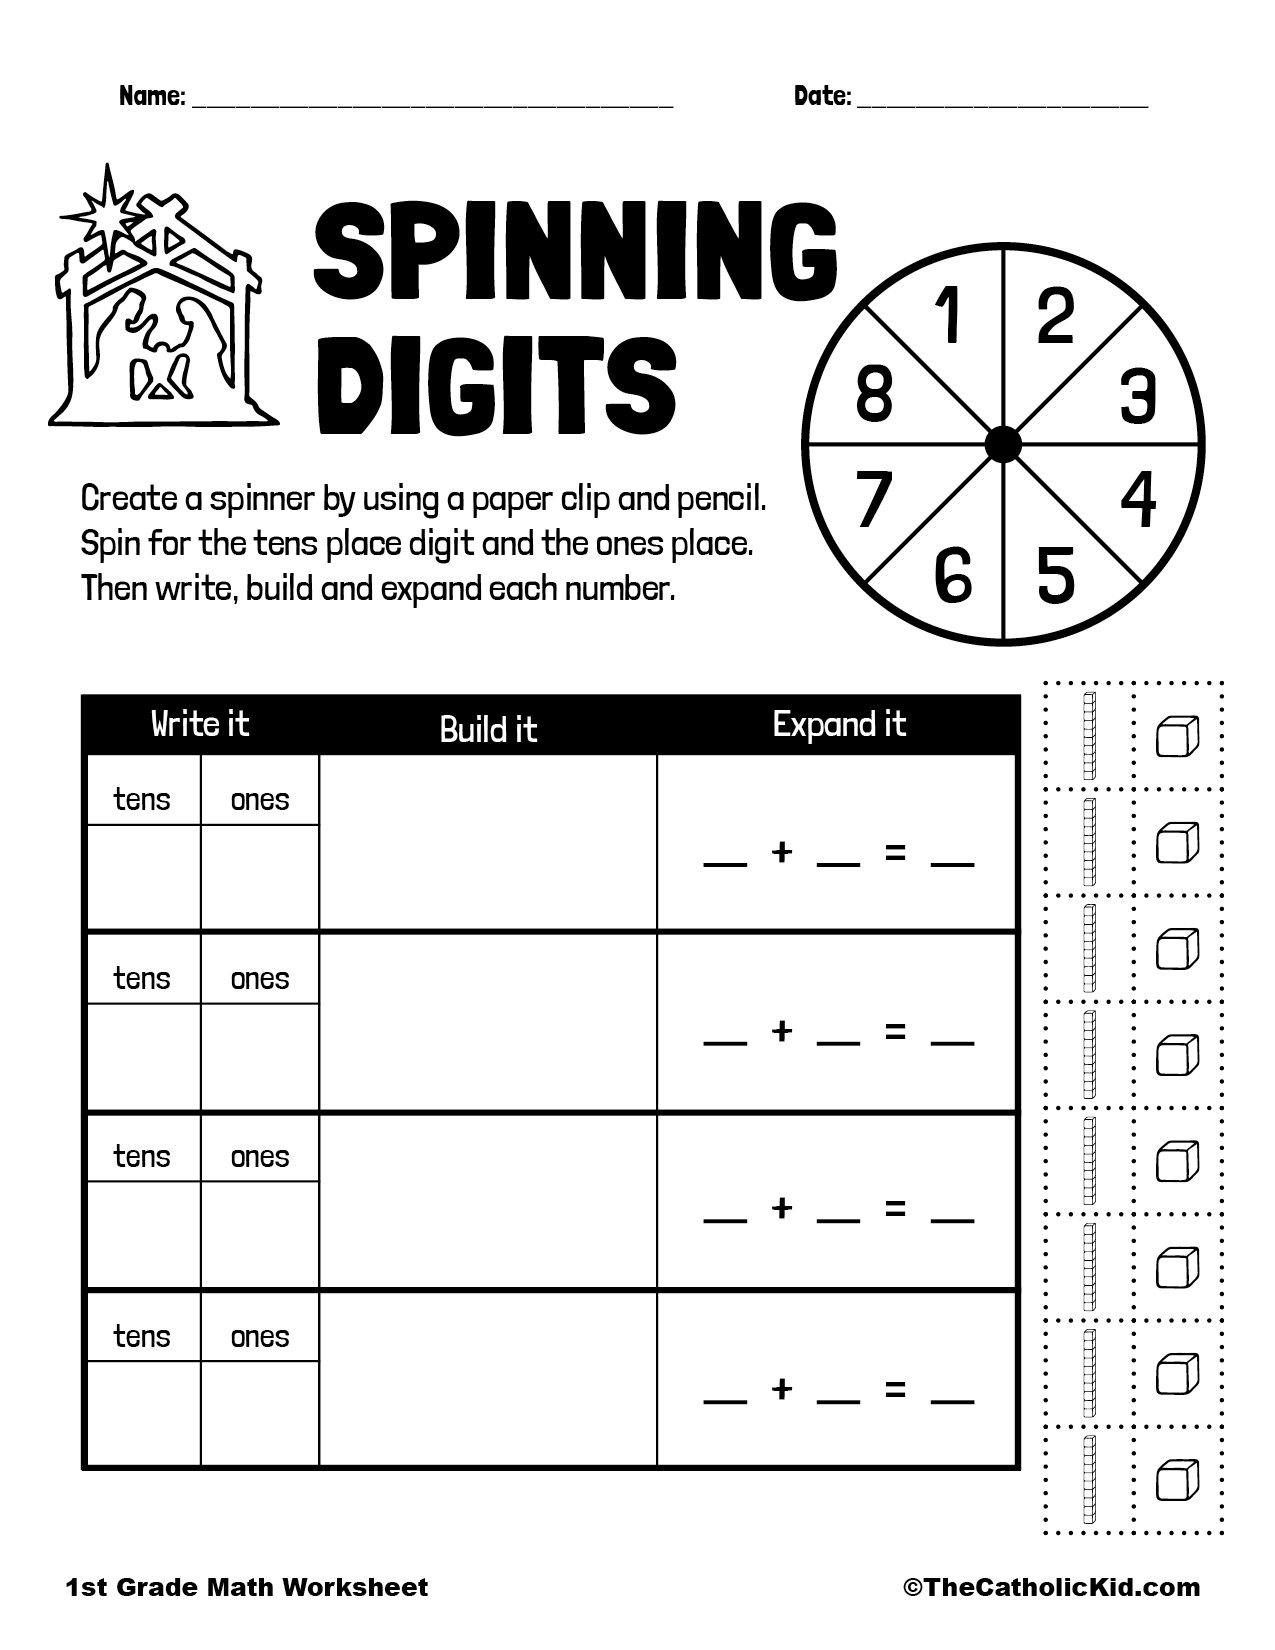 1st Grade Math Catholic Themed Worksheet Digits